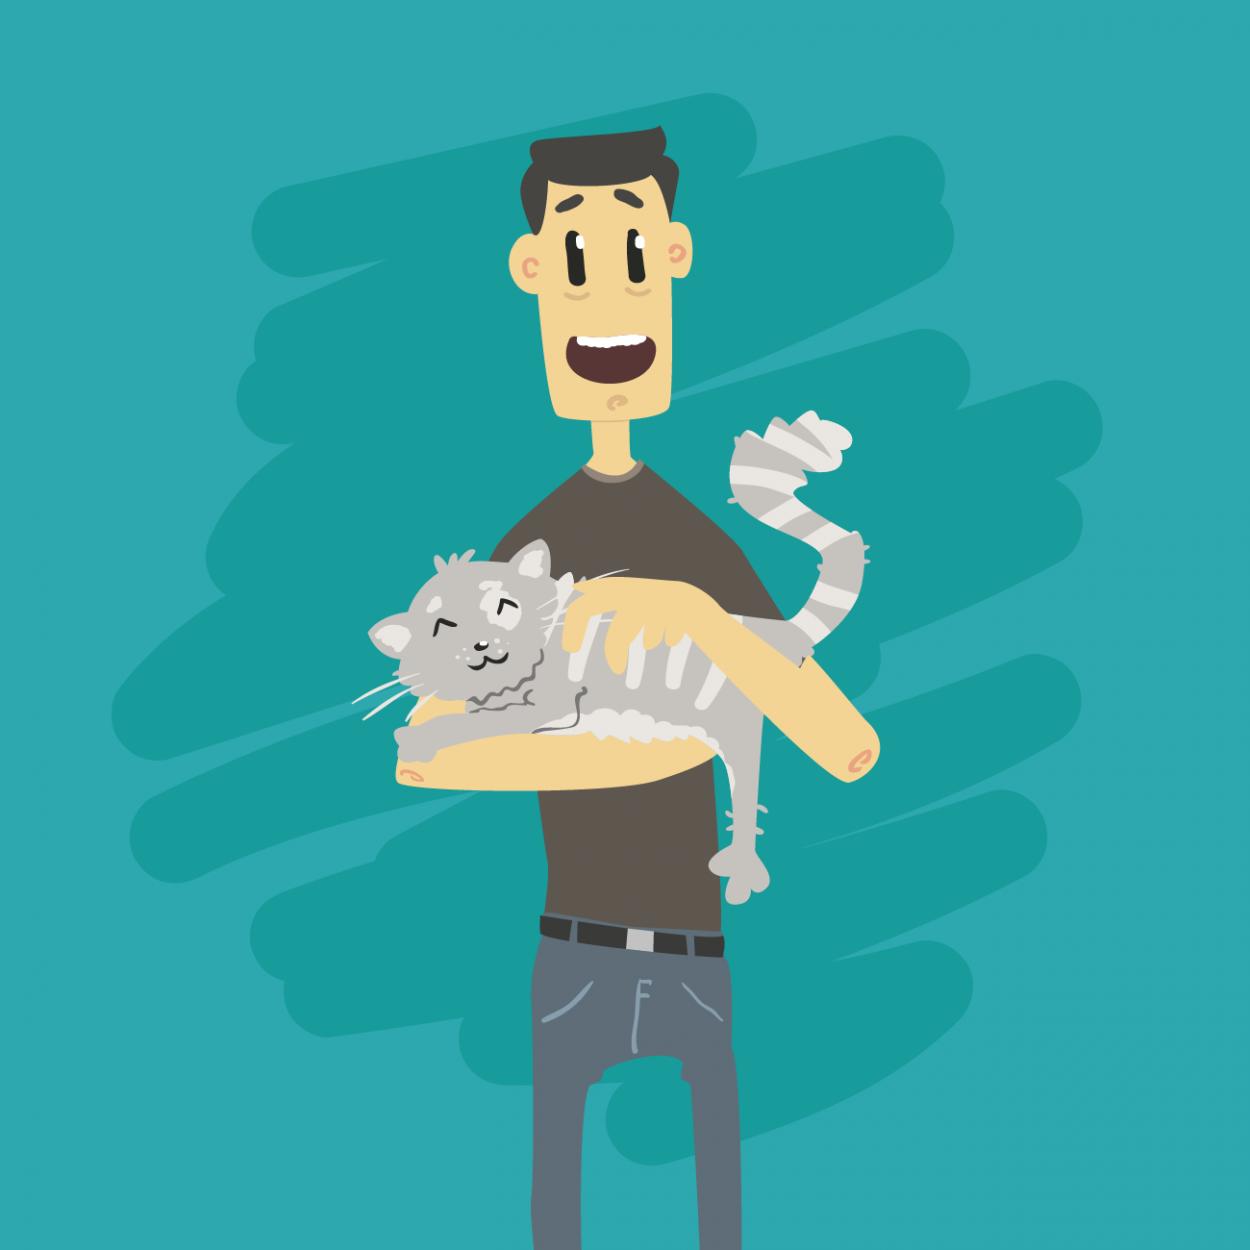 Иллюстрация к анекдоту про мужика и кота